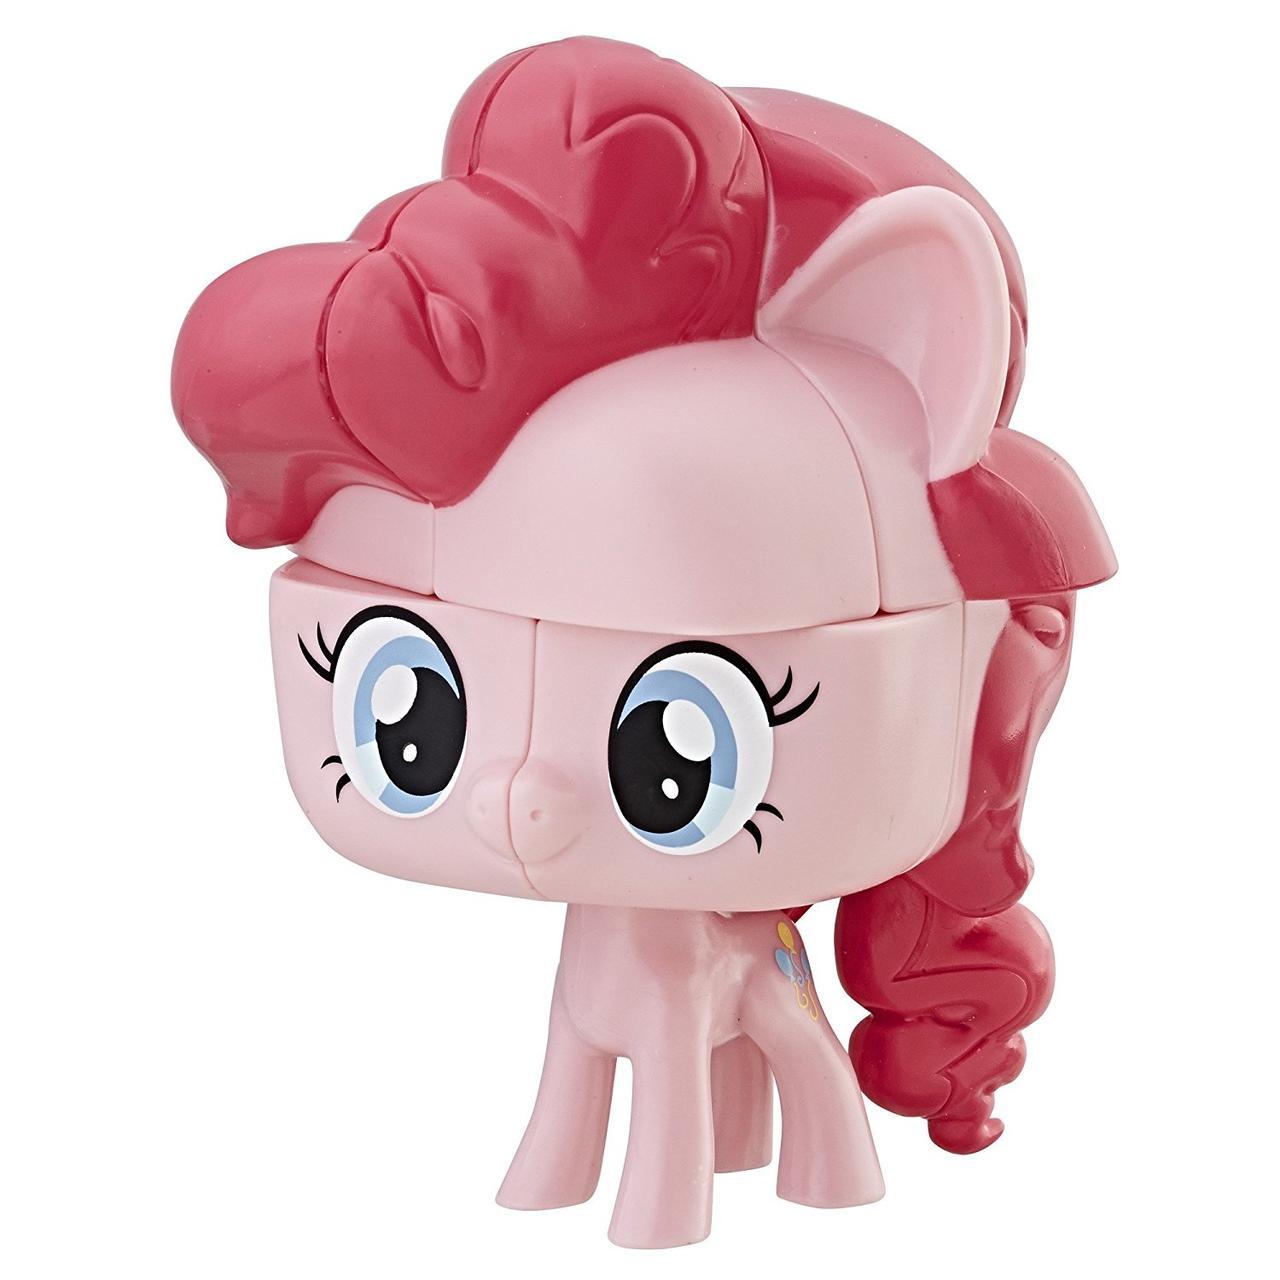 Hasbro Пони кубик рубик Пинки Пай Rubik's Crew My Little Pony Pinkie Pie Edition